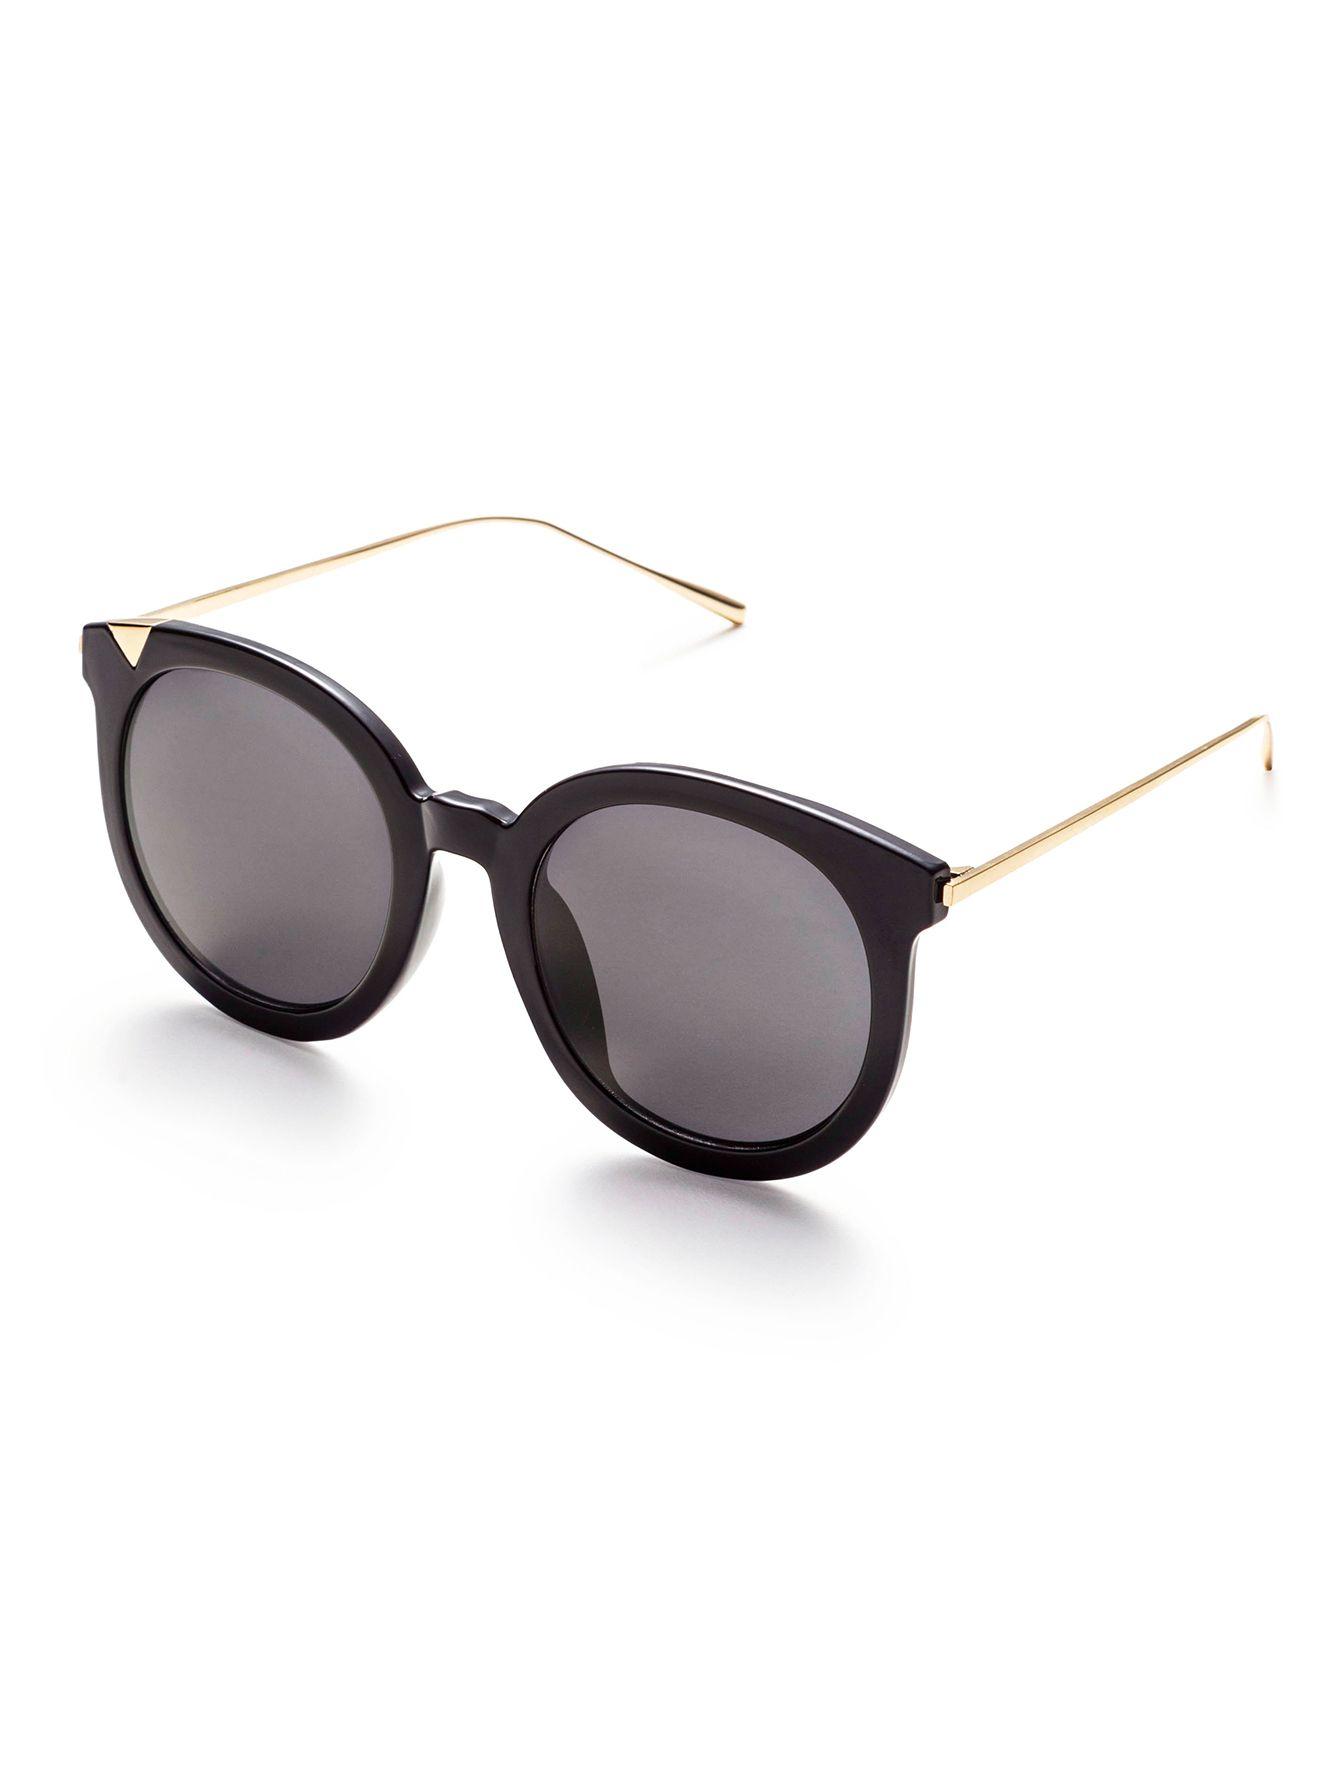 0f72c45312 Gafas de sol con marco negro brazo de metal y lentes gris-(Sheinside ...